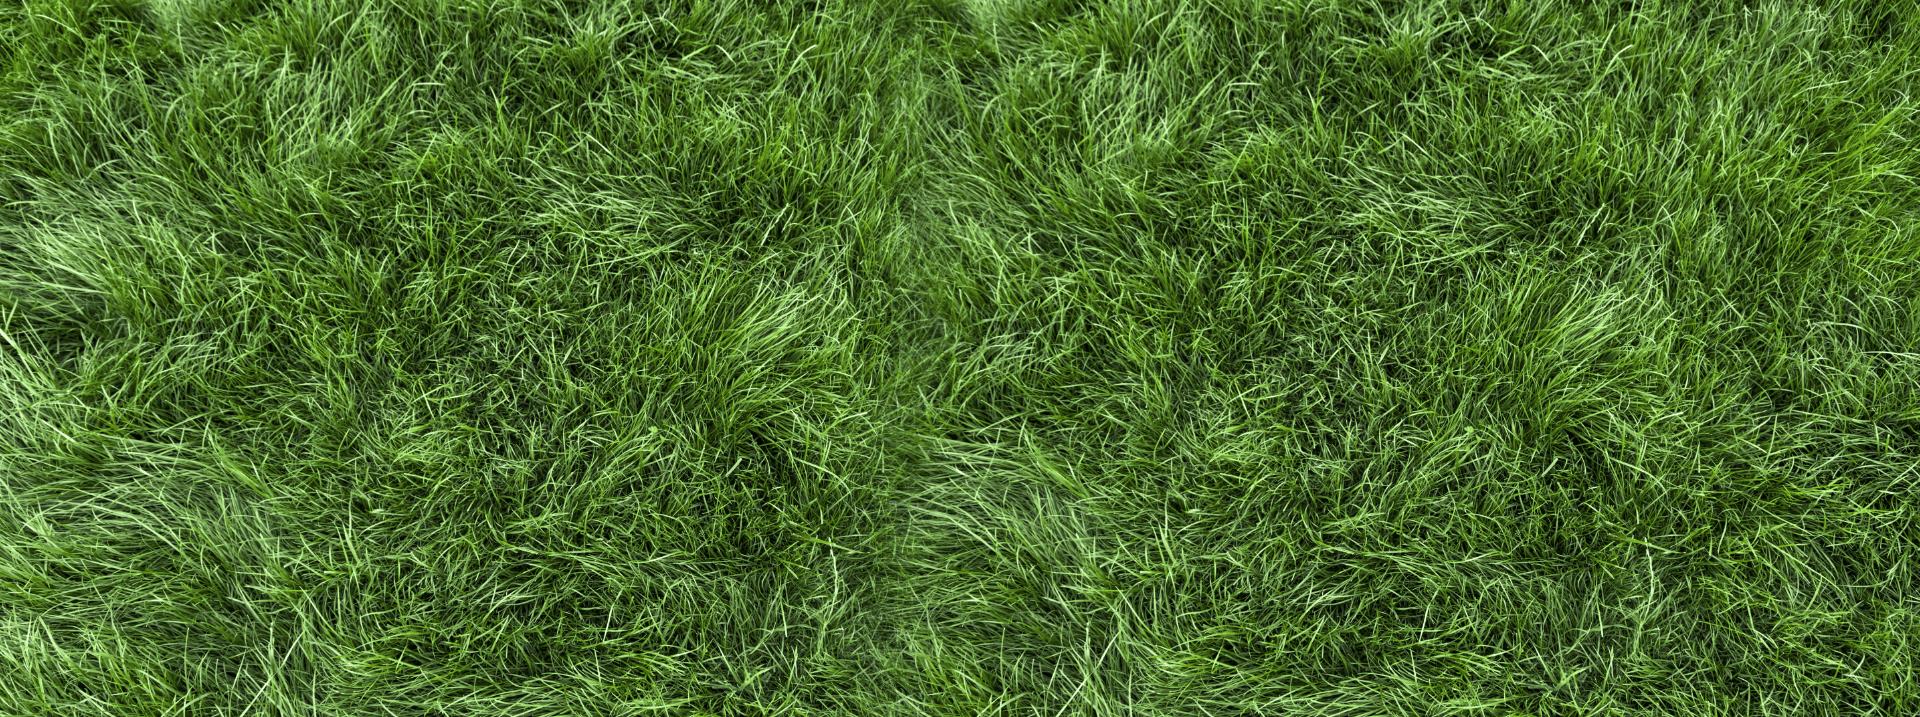 Good grass 1